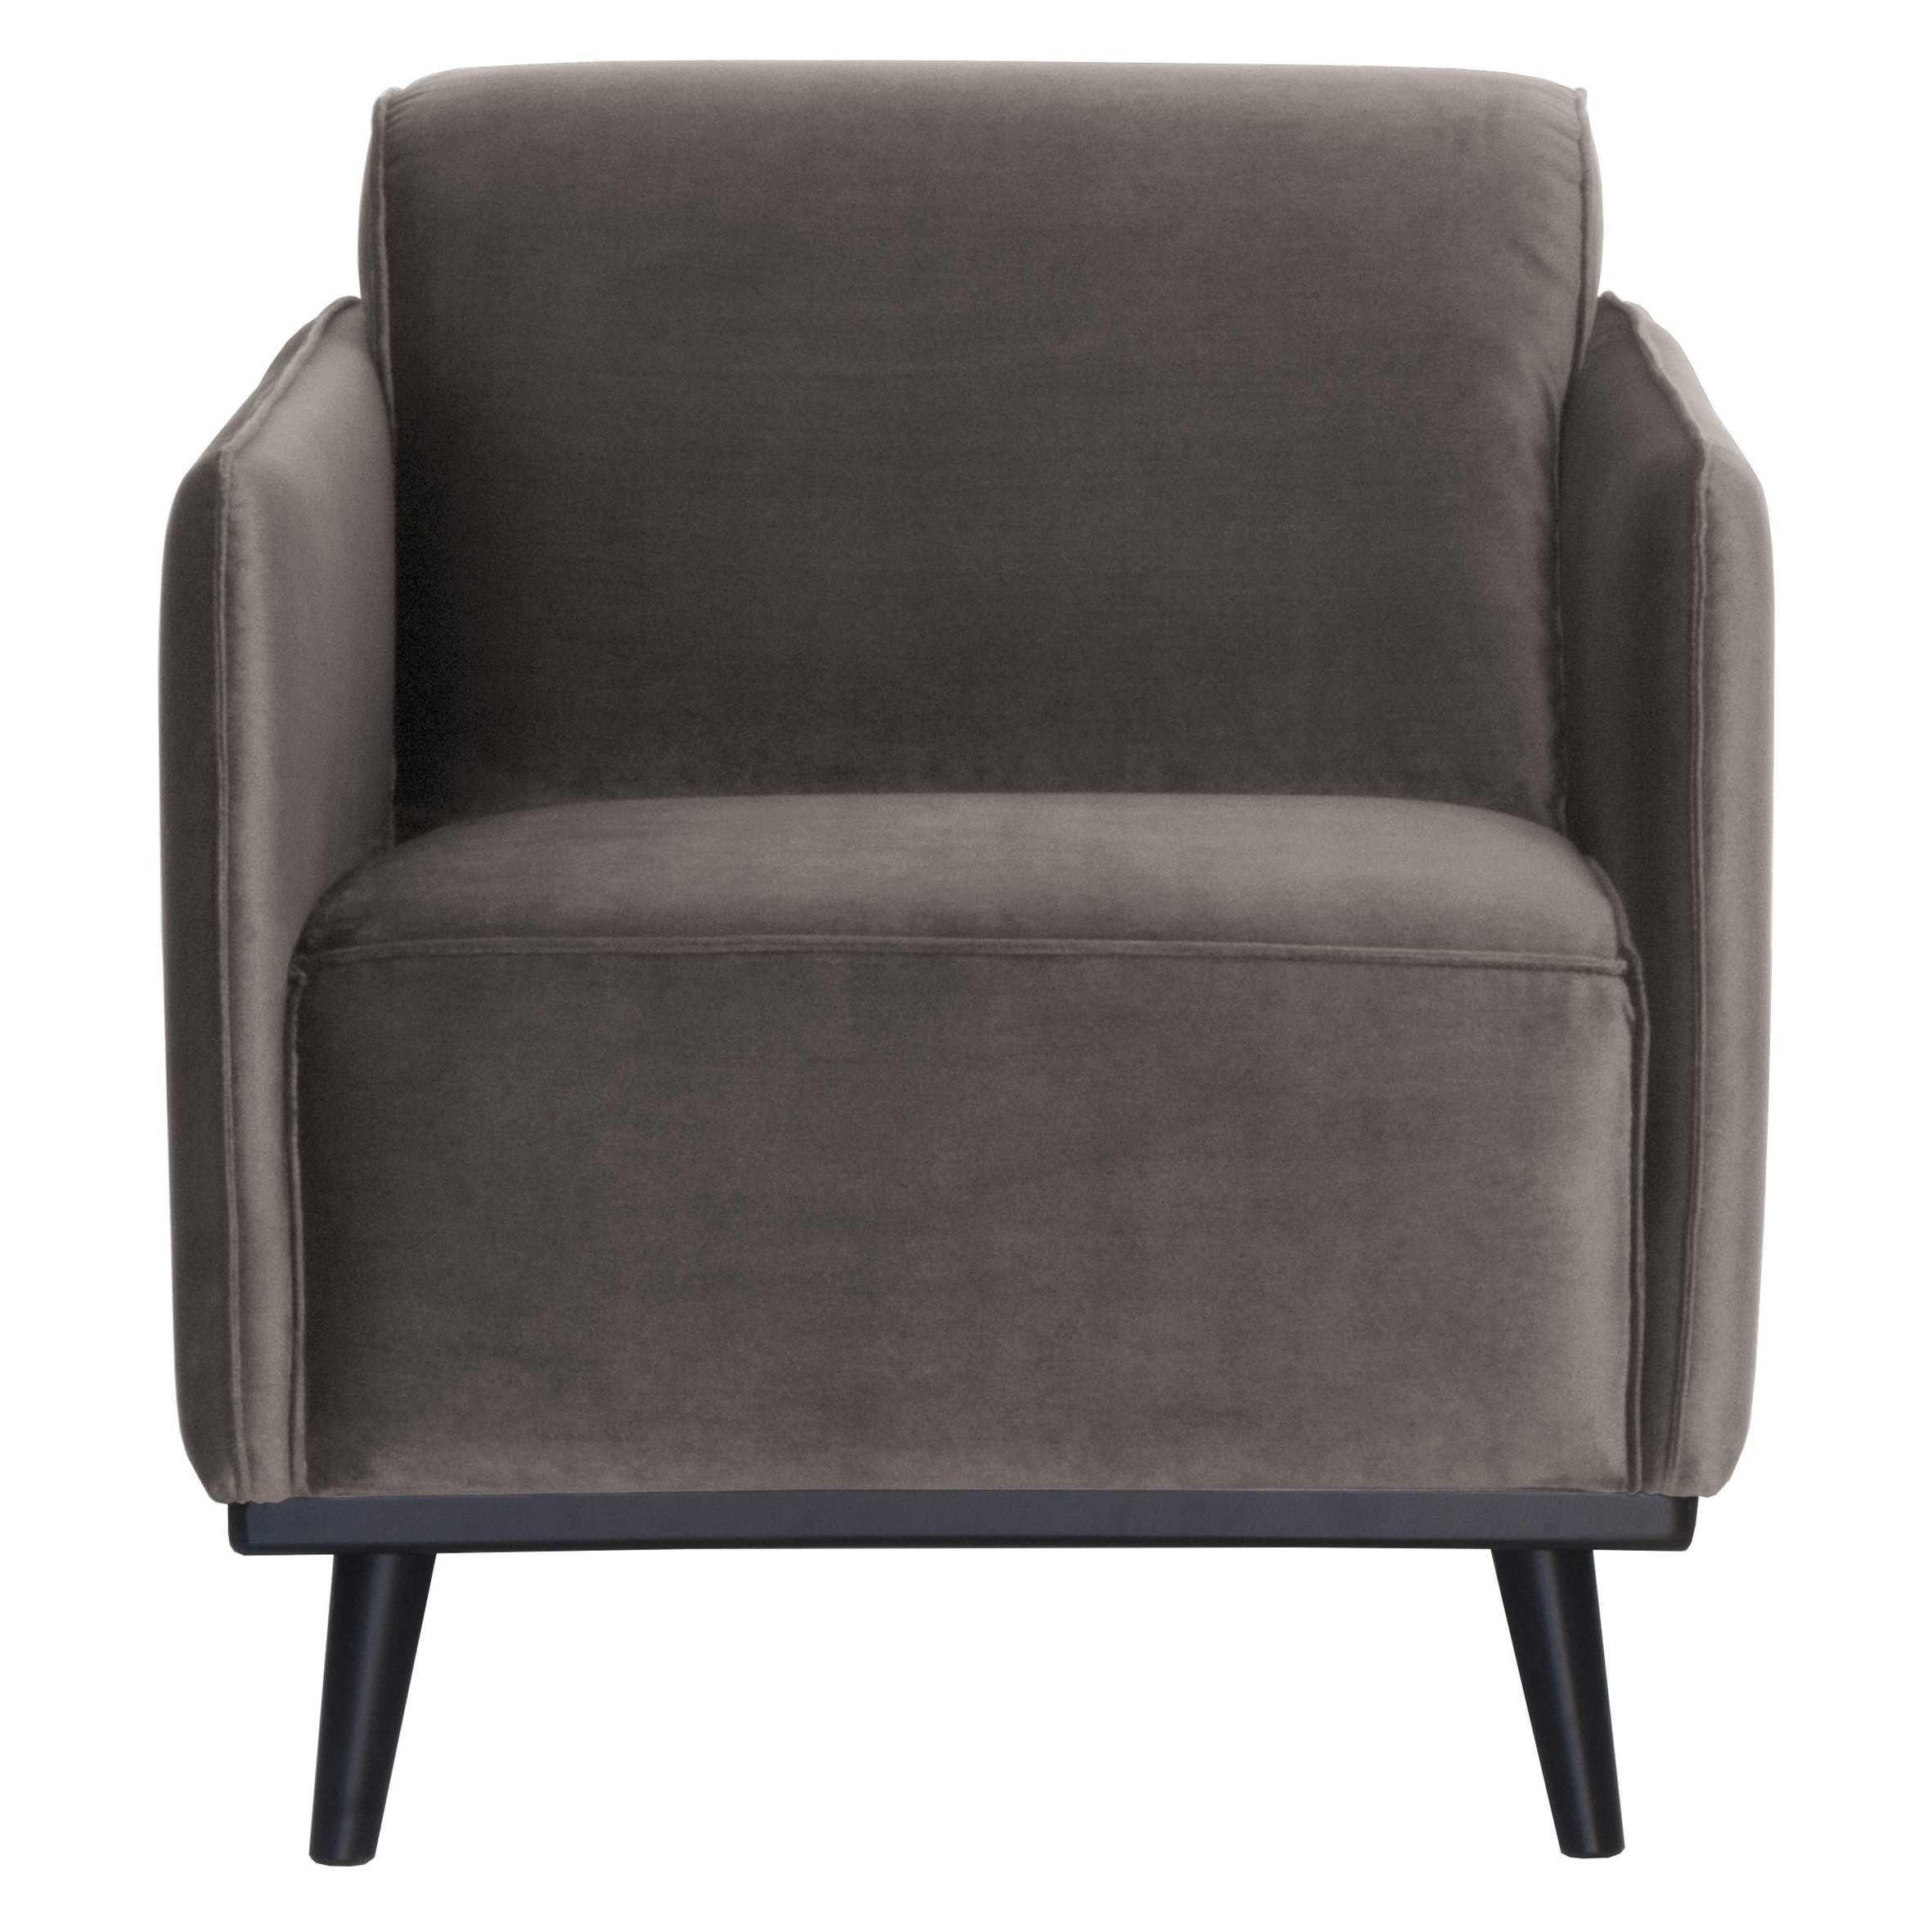 BePureHome Statement fauteuil met arm velvet Taupe